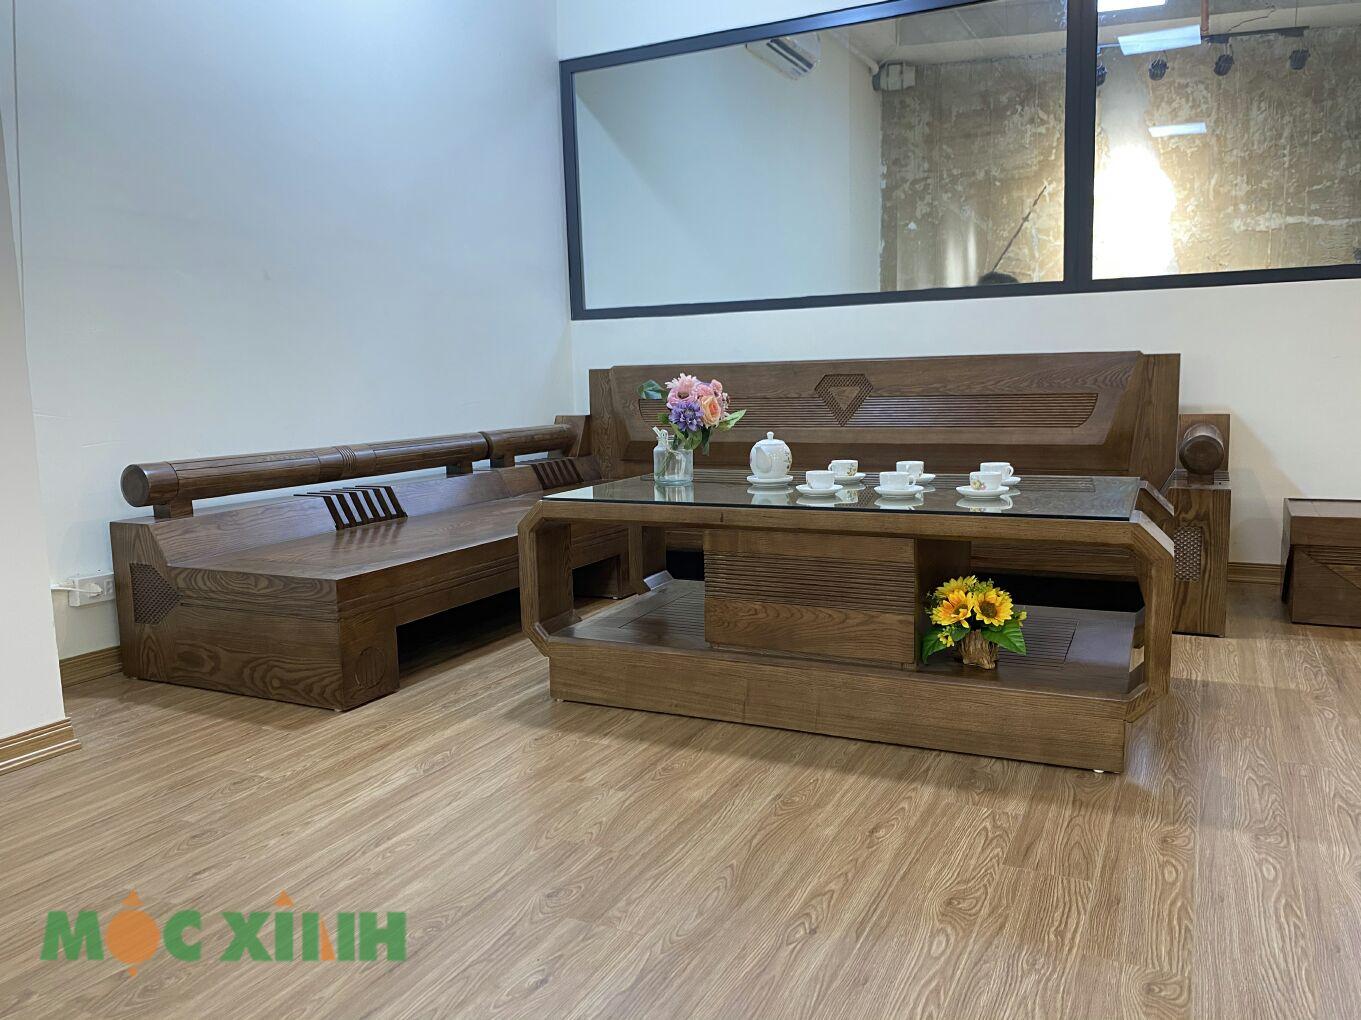 Bộ bàn ghế phòng khách gỗ sồi có vẻ đẹp sang trọng